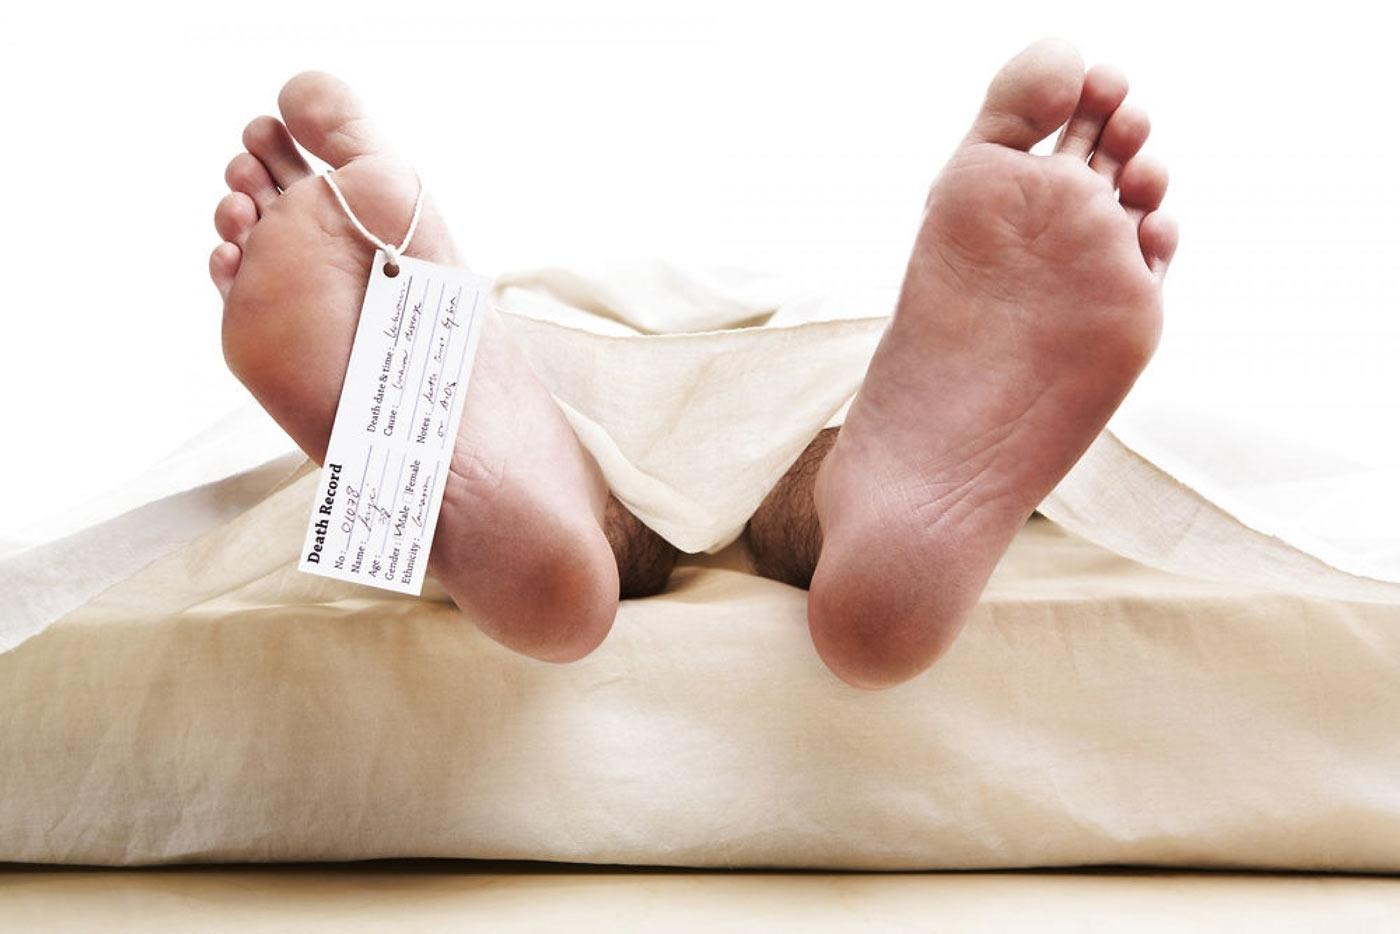 Понятие и признаки умышленного причинения вреда здоровью по ст. 111 УК РФ